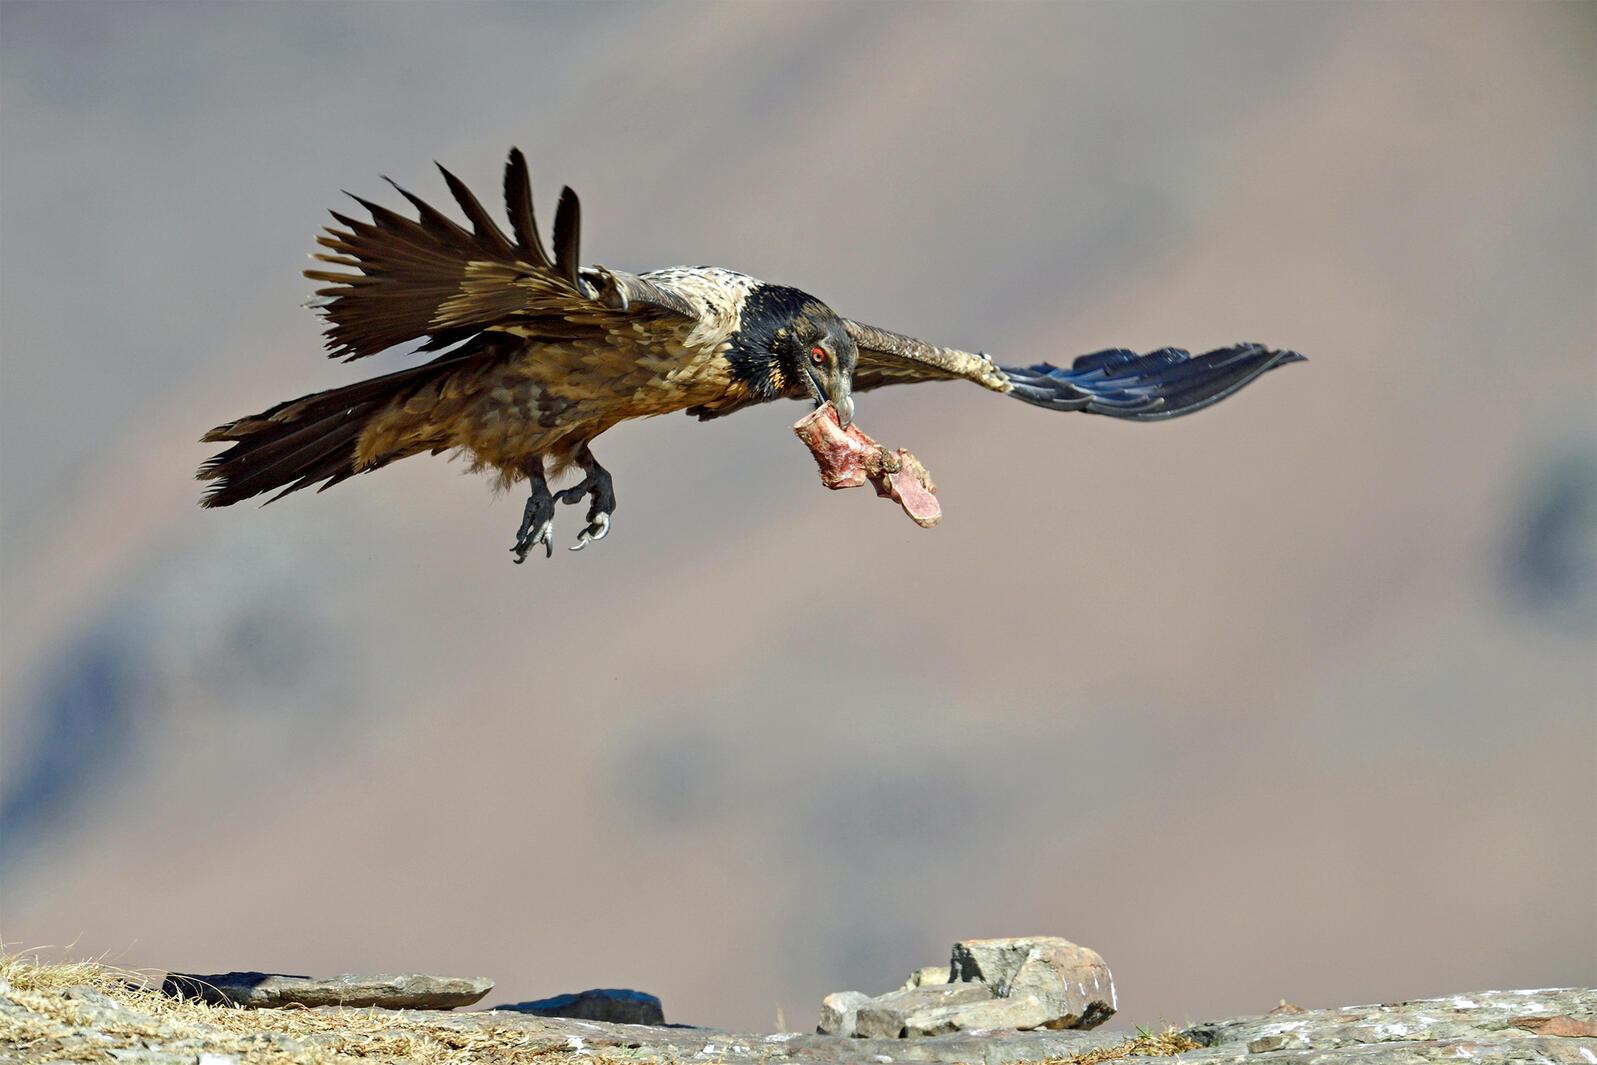 Bearded Vulture. Winfried Wisniewski/Alamy